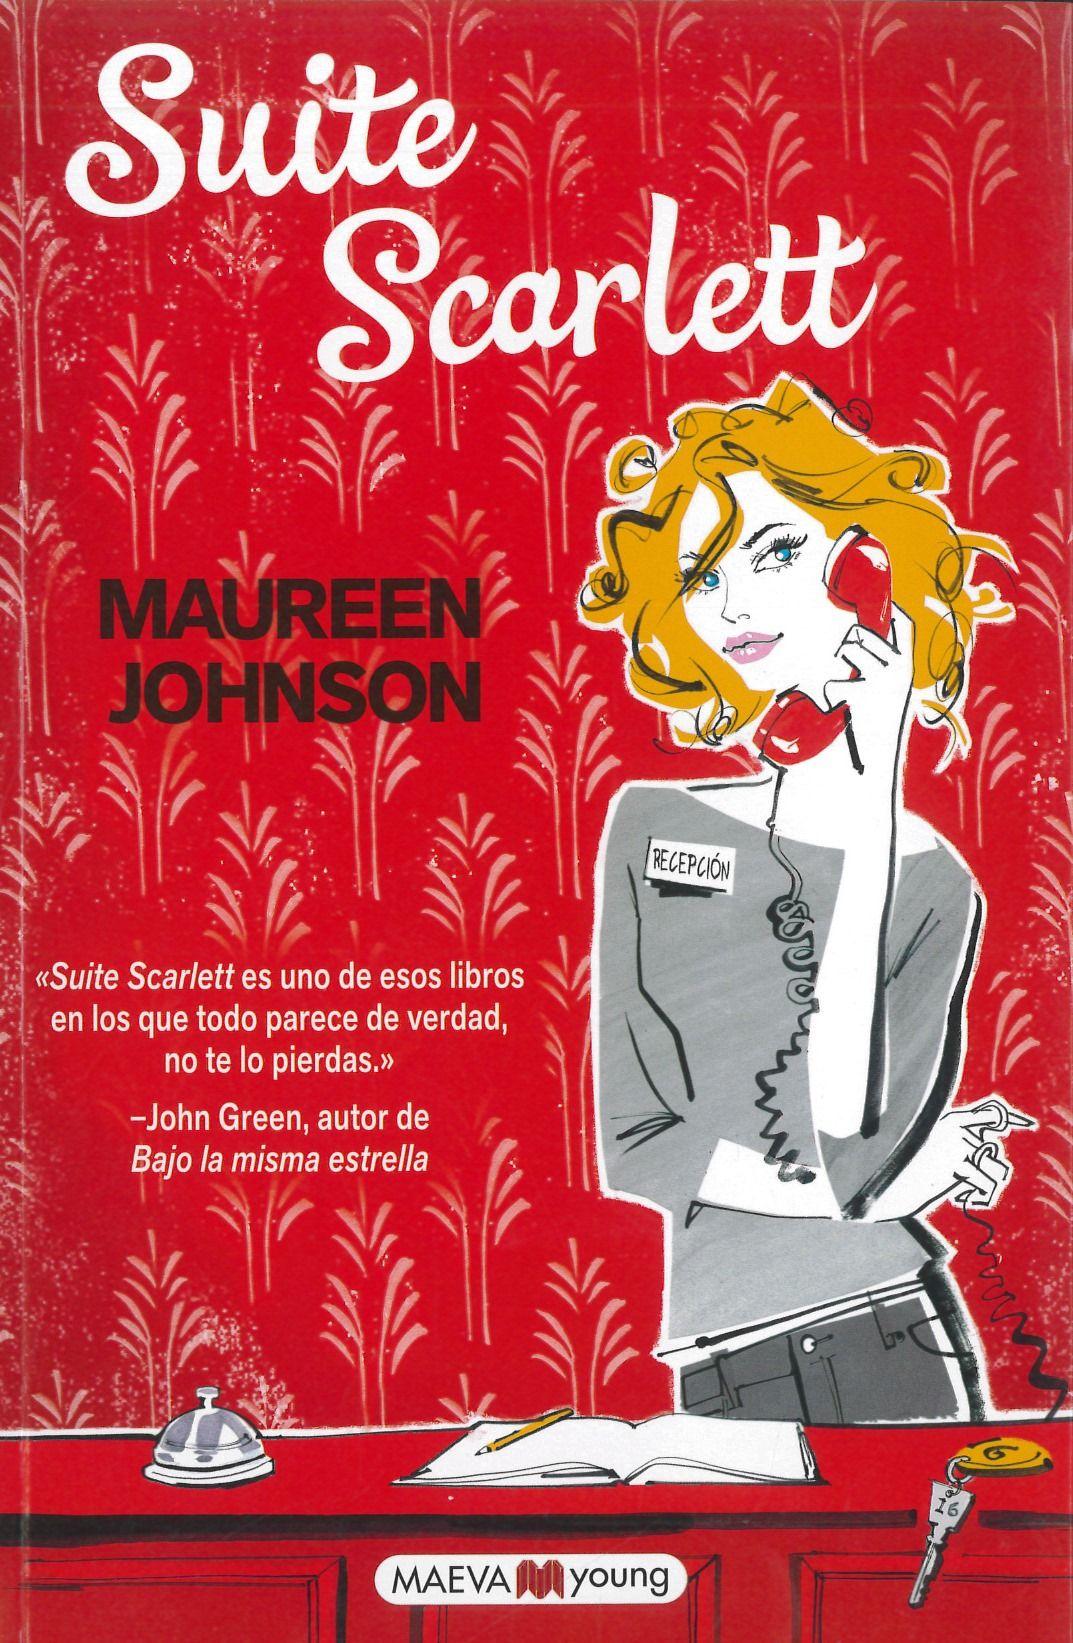 Si Vivir En Un Hotel Art Déco A Cinco Minutos De Central Park Te Parece Un Buen Plan Deberías Hablar Con Scarlett Mart Club De Lectura Listas De Libros Libros